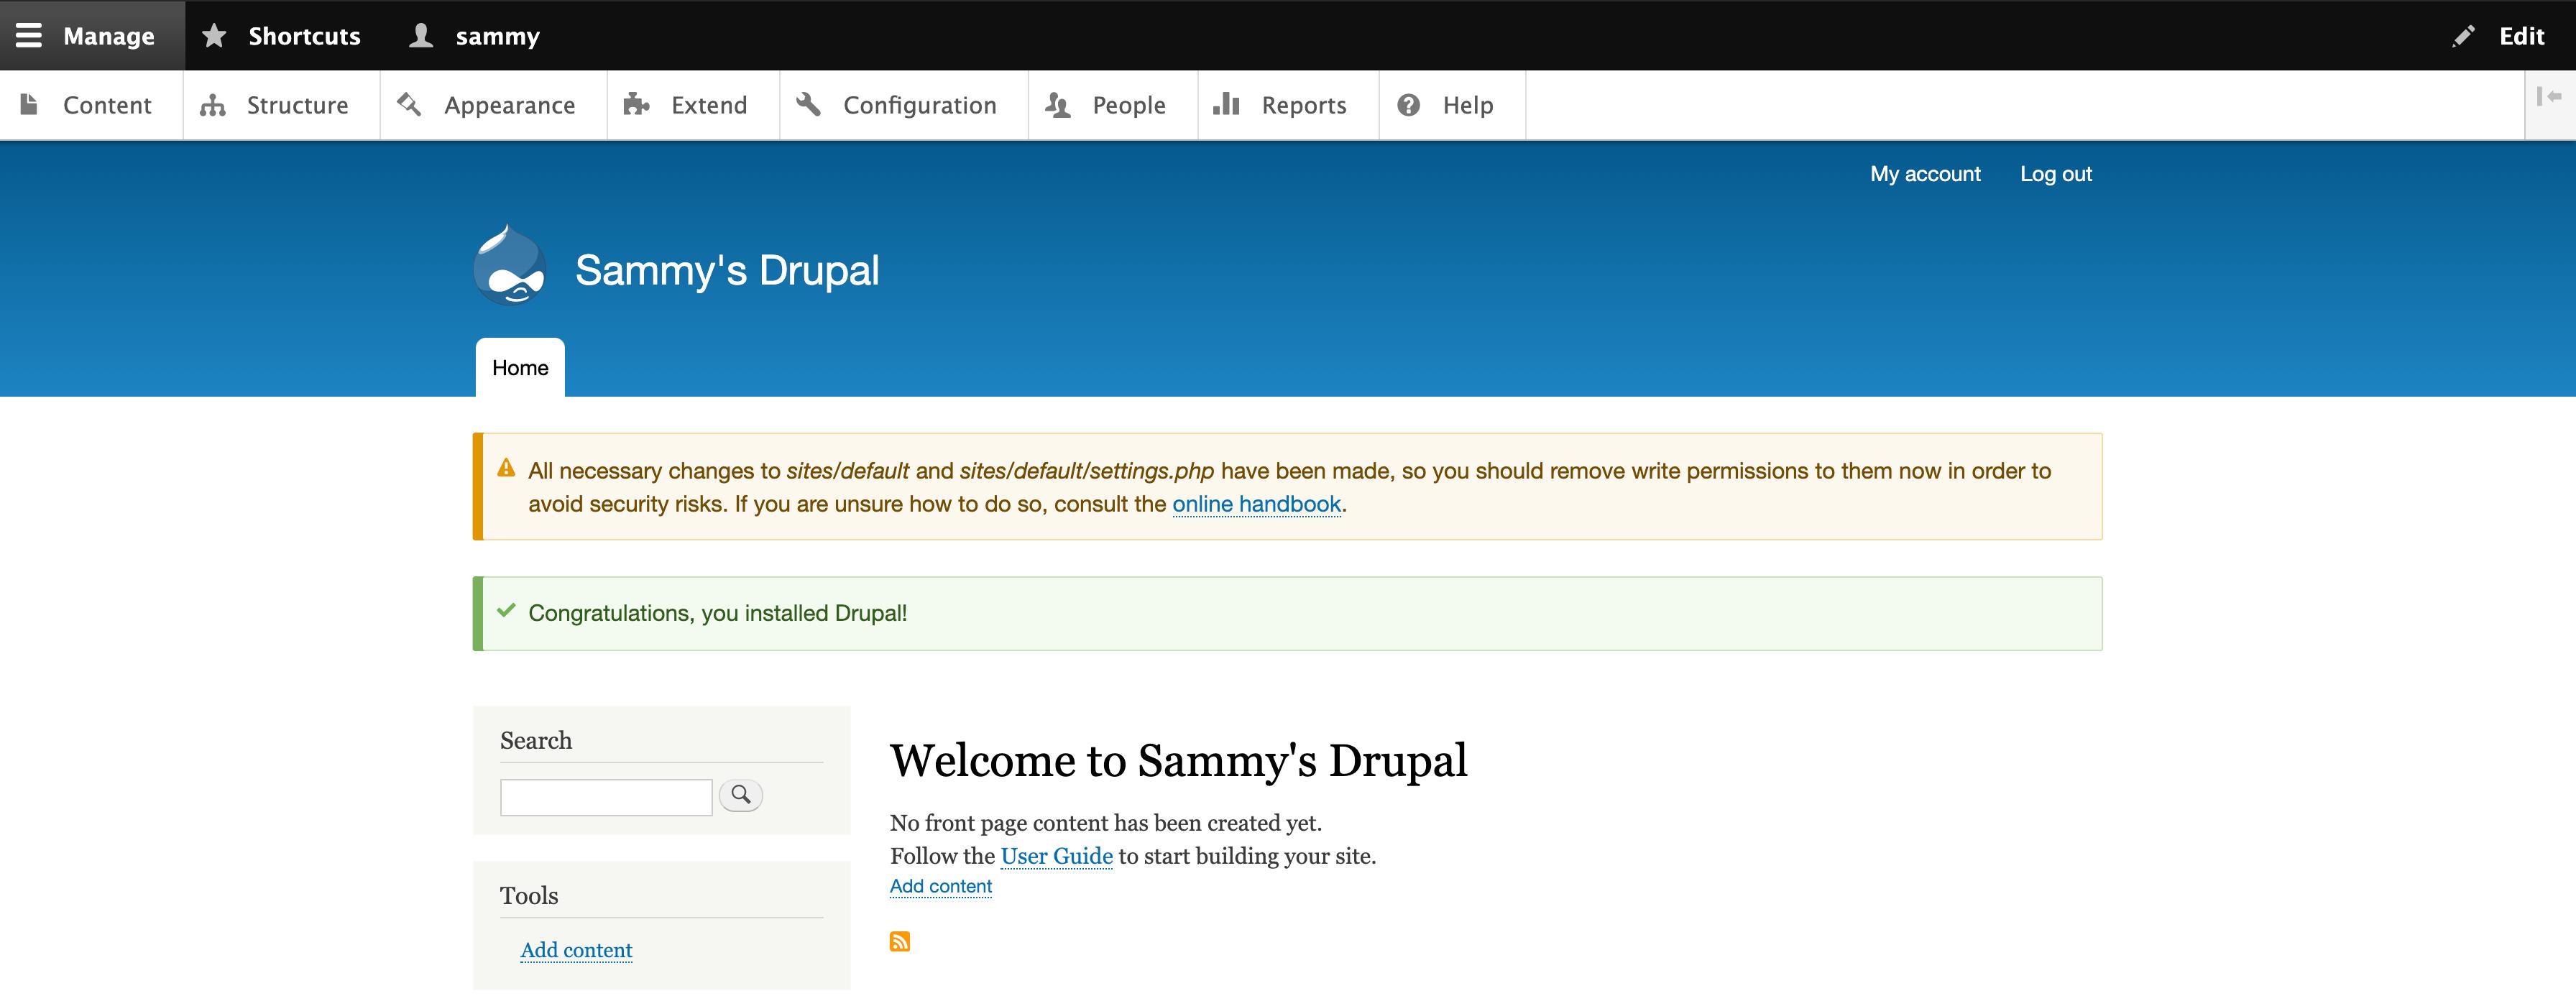 Mensaje de bienvenida de Drupal 9 con una advertencia sobre permisos